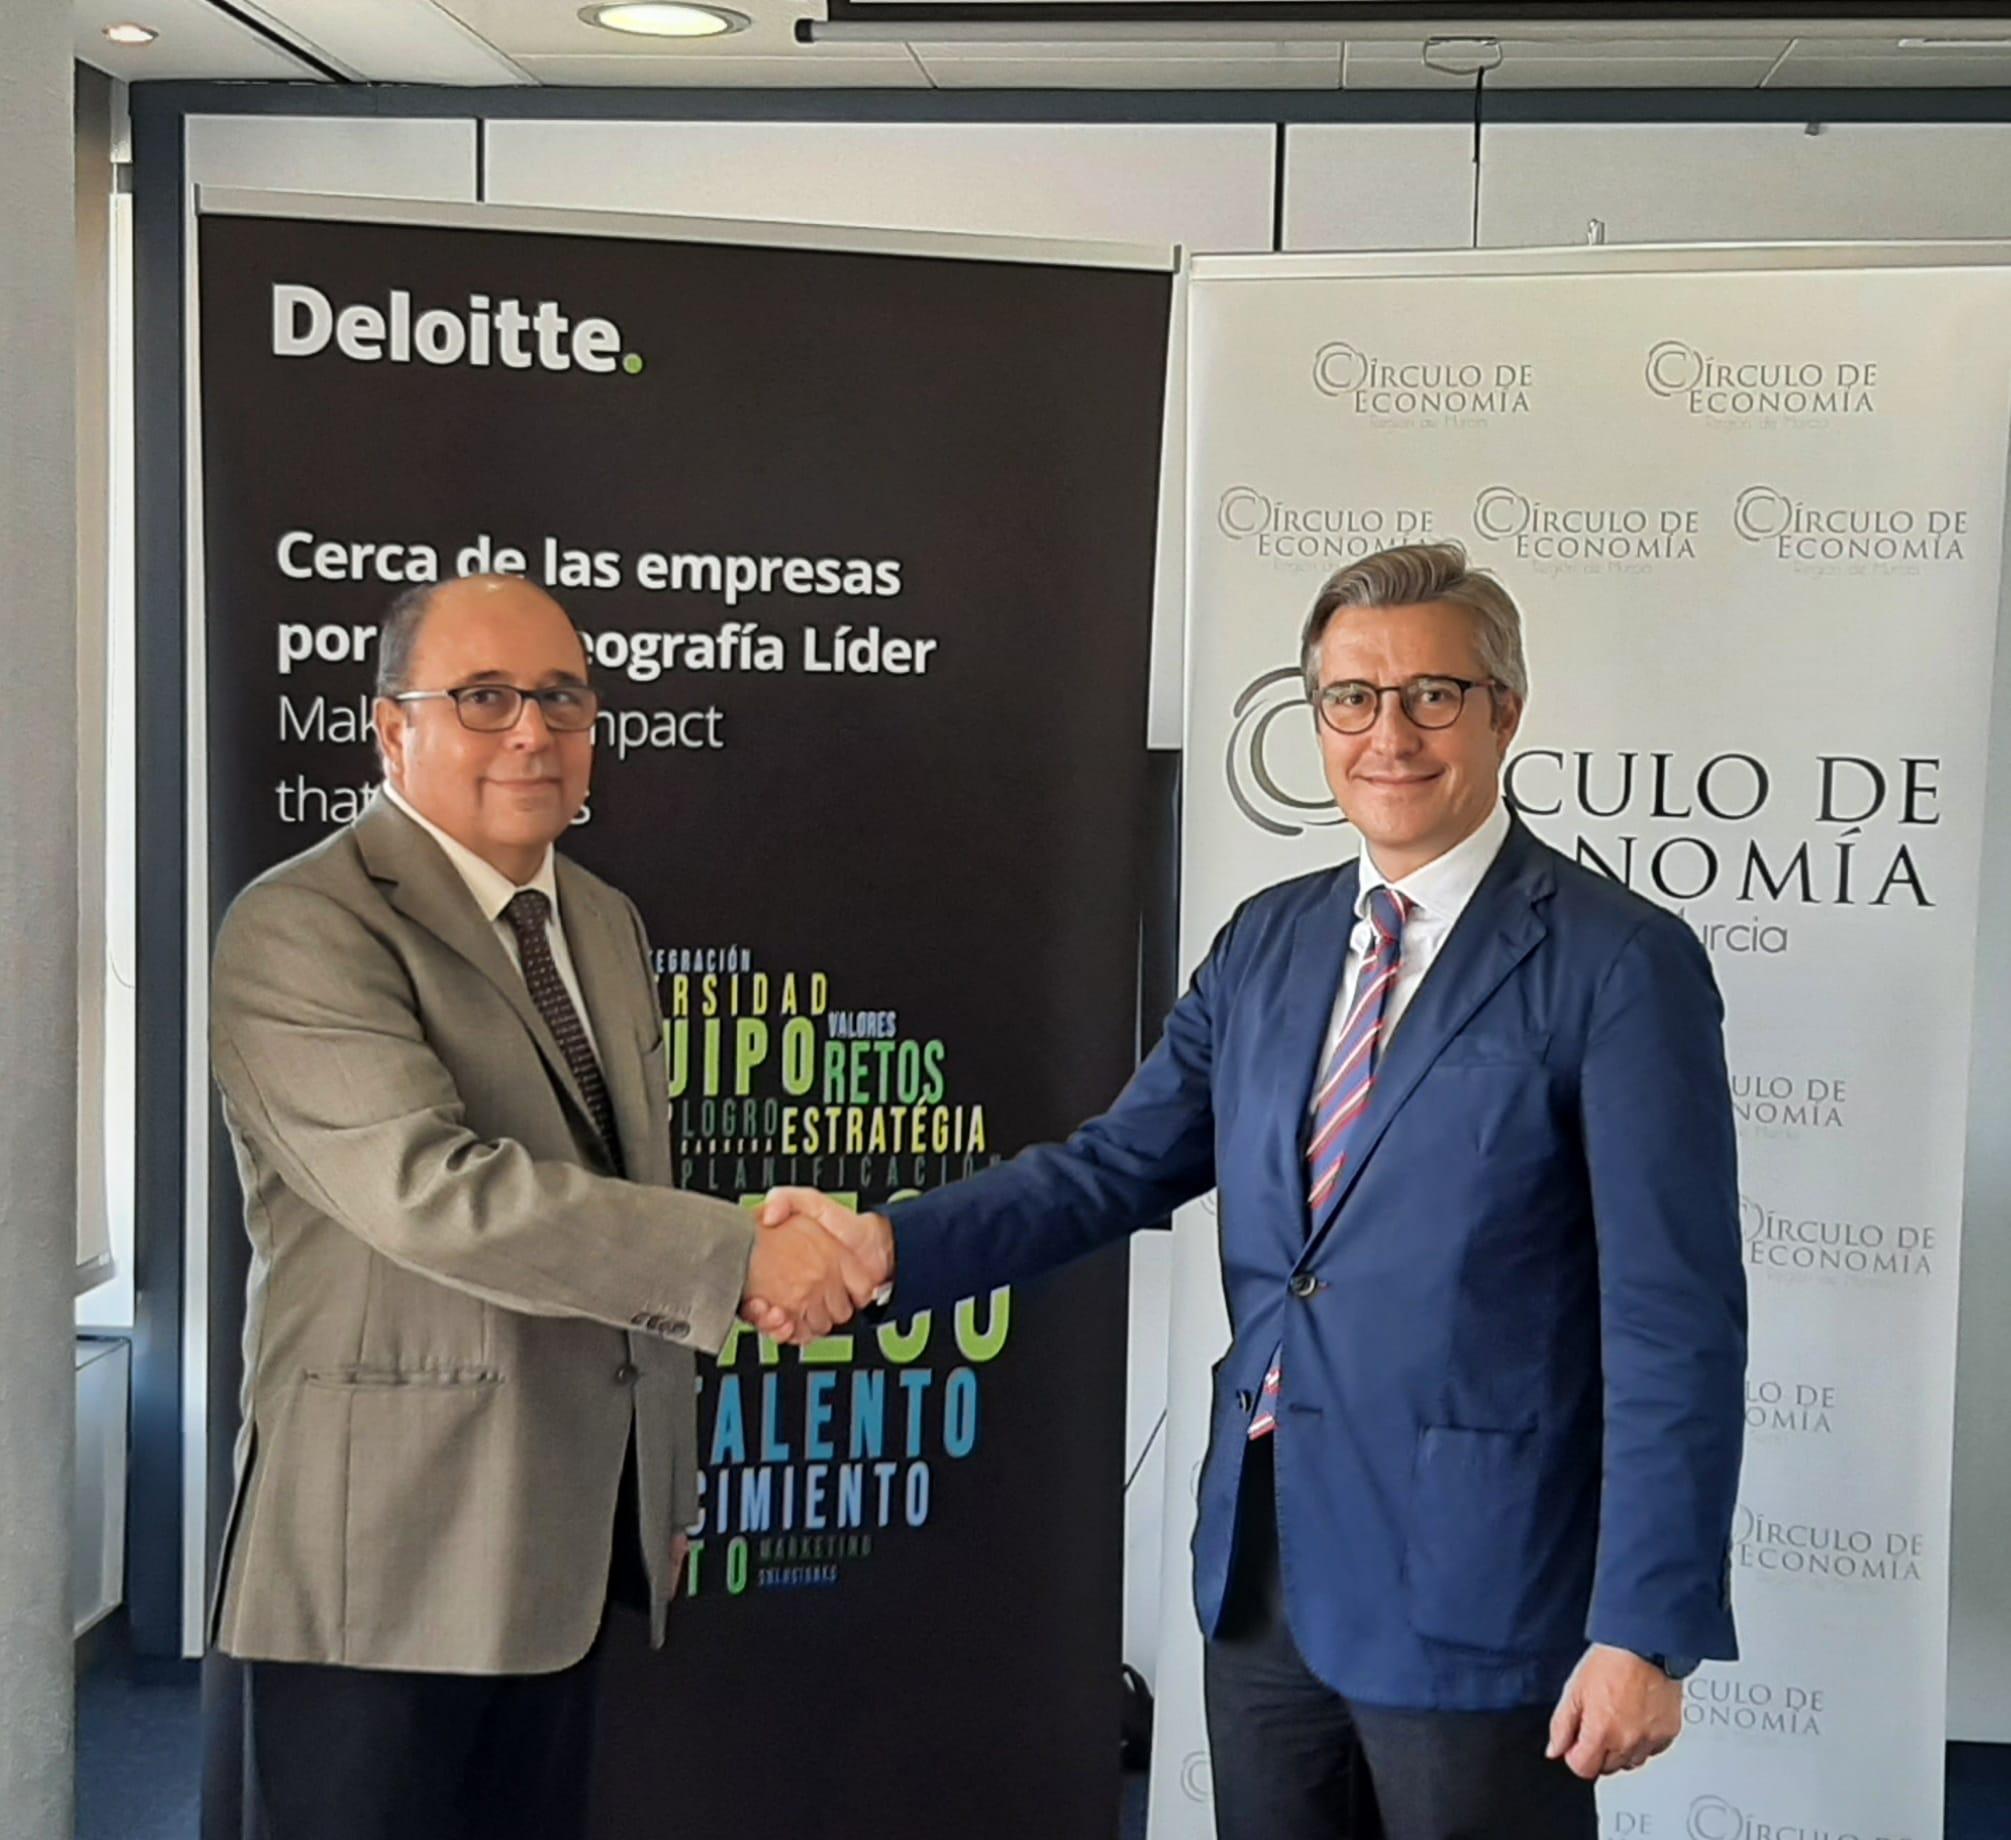 Deloitte se incorpora como socio protector al Círculo de Economía